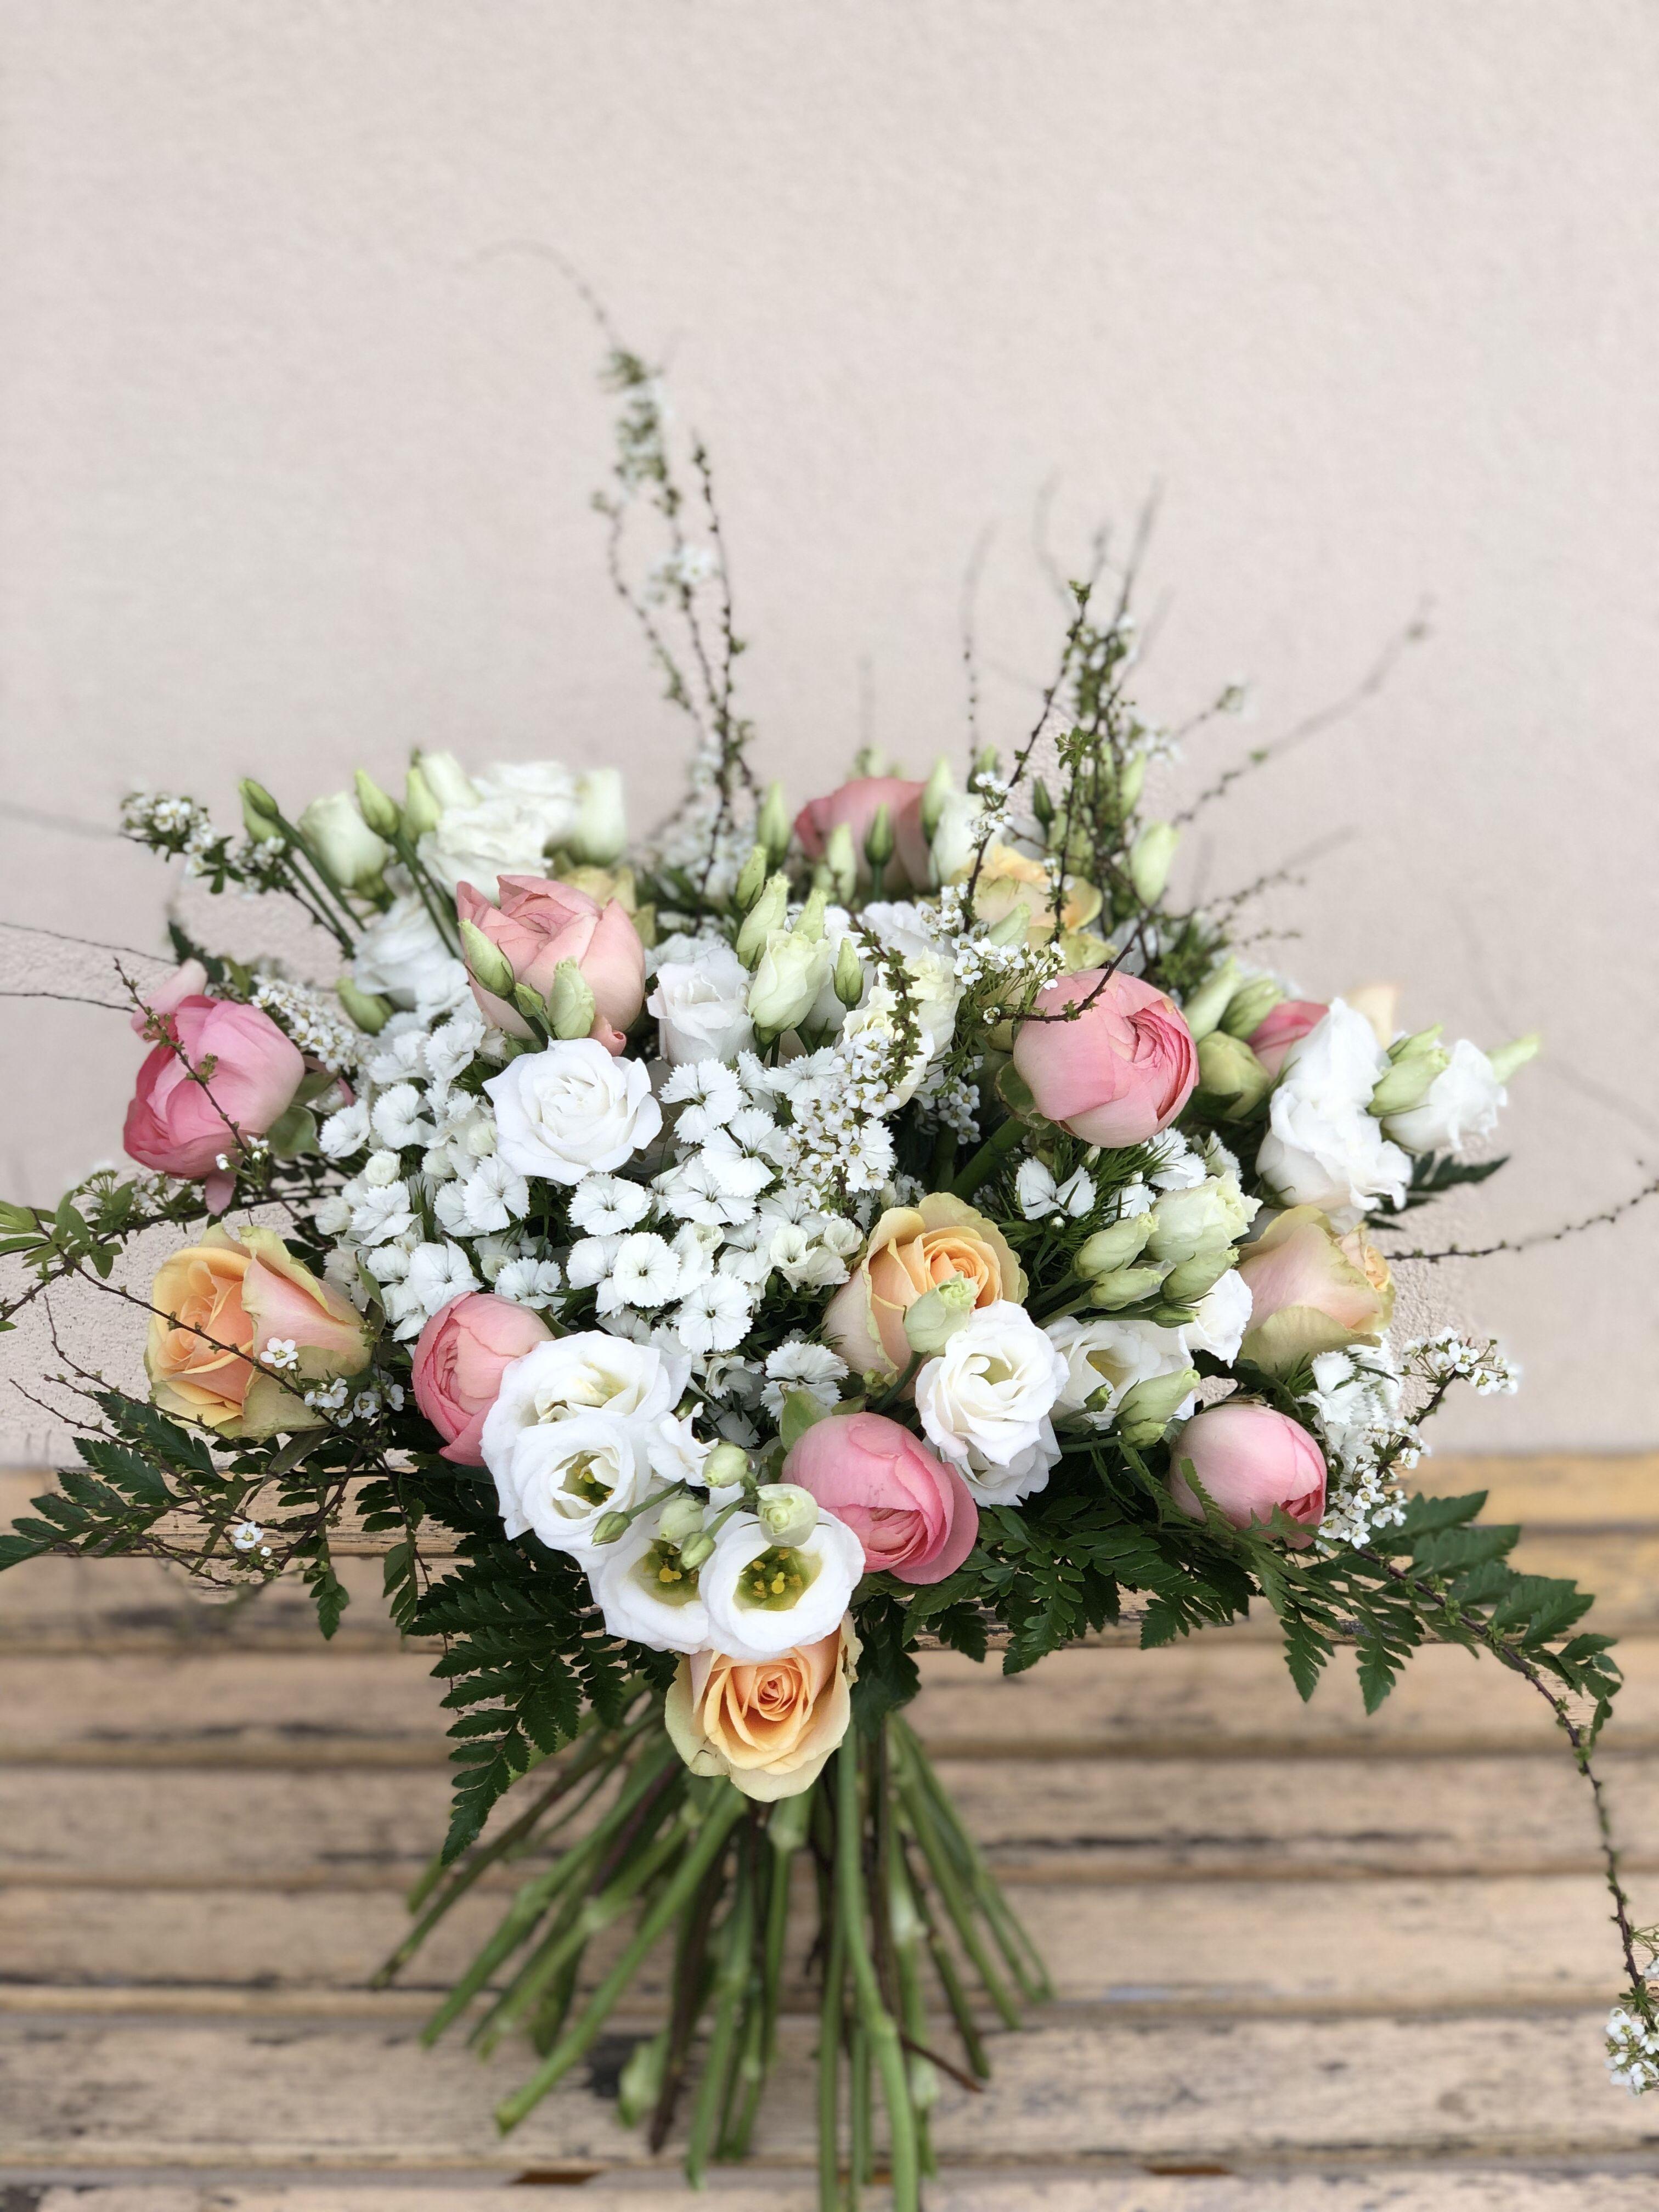 Bouquet Printanier Blanc Et Rose Bouquet Printanier Bouquet